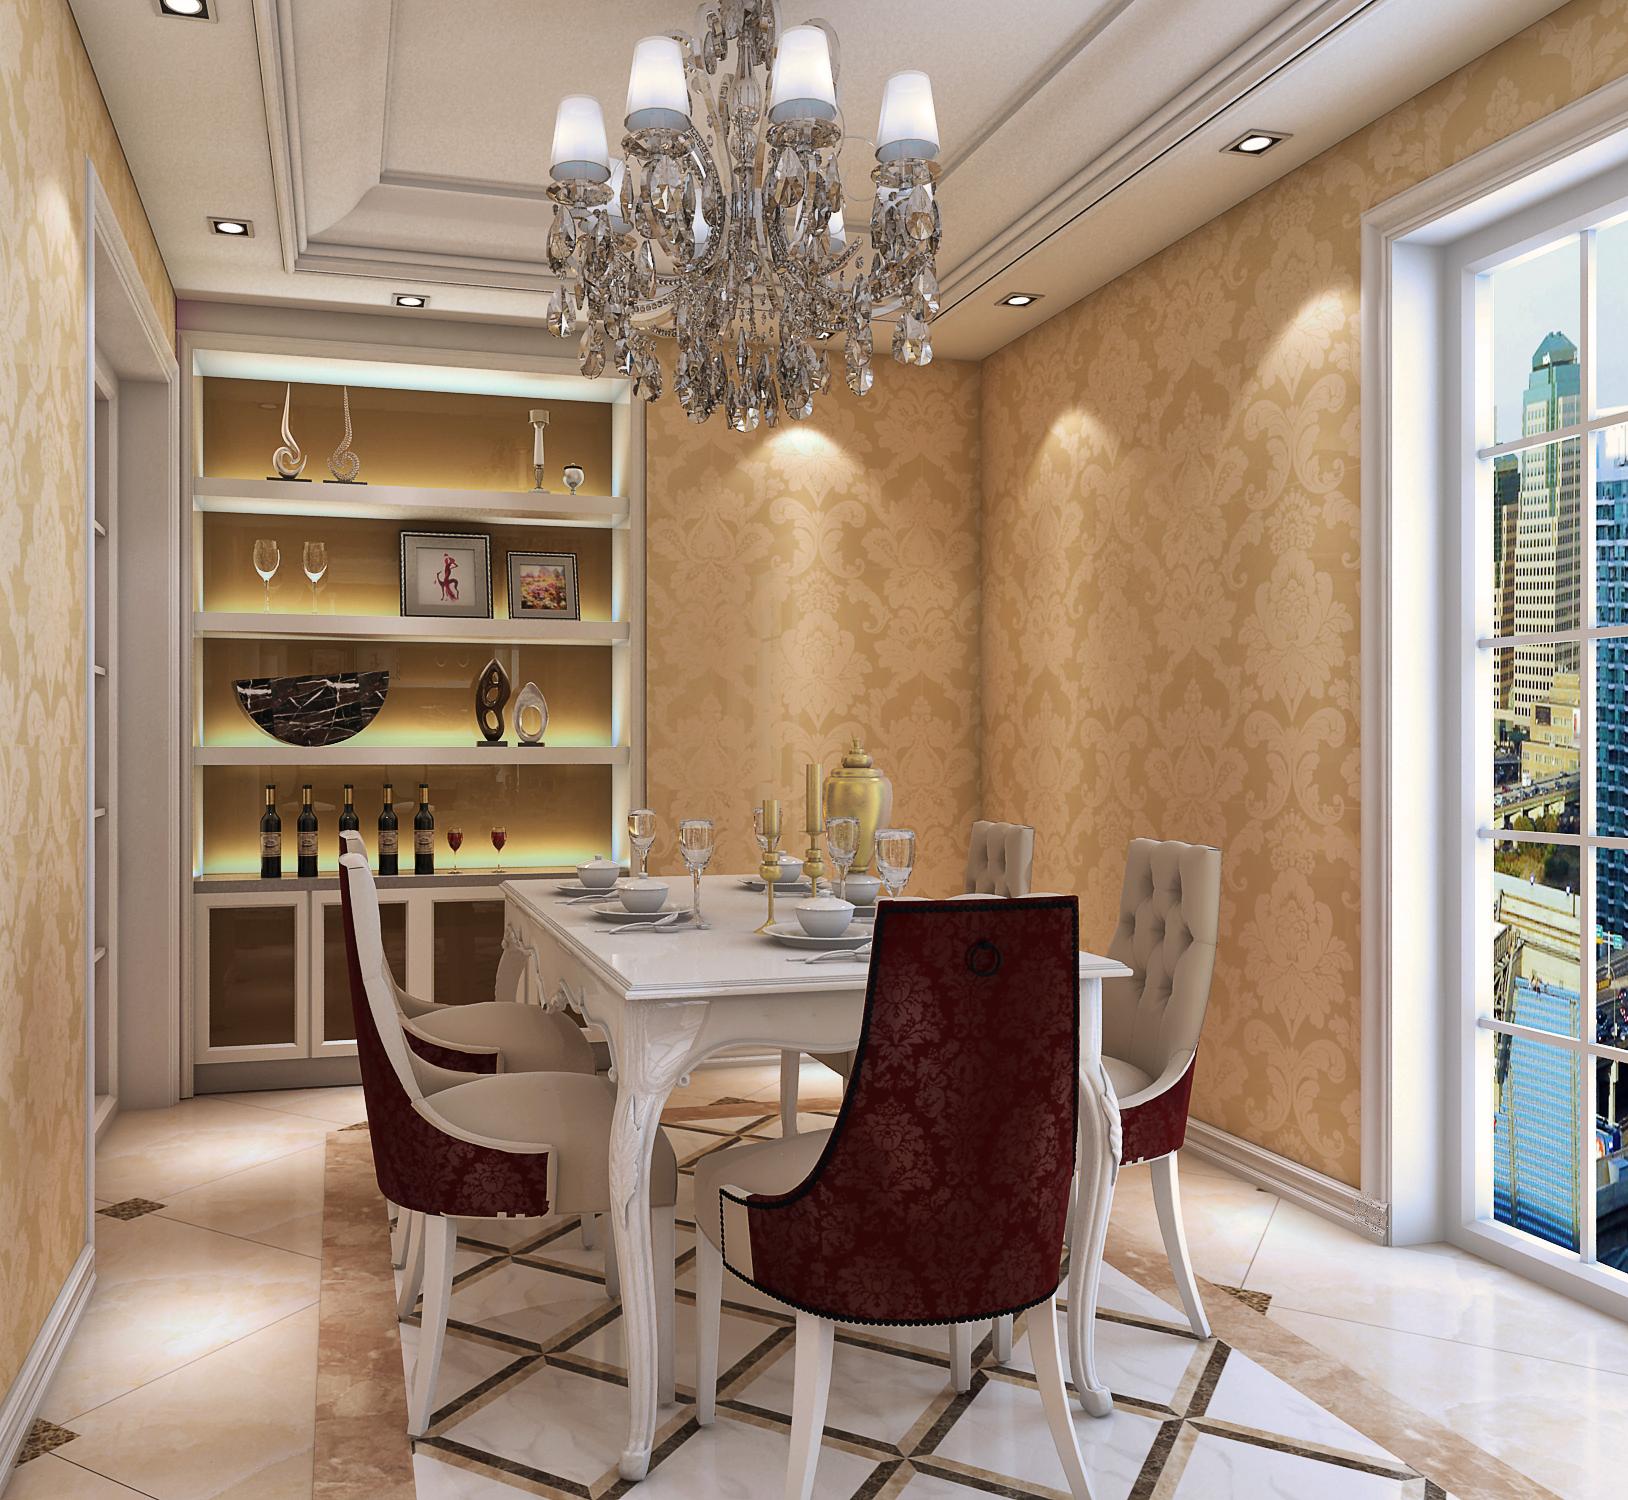 简约 欧式 田园 混搭 三居 二居 别墅 白领 旧房改造 餐厅图片来自用户5599387783在张腾飞老师作品的分享